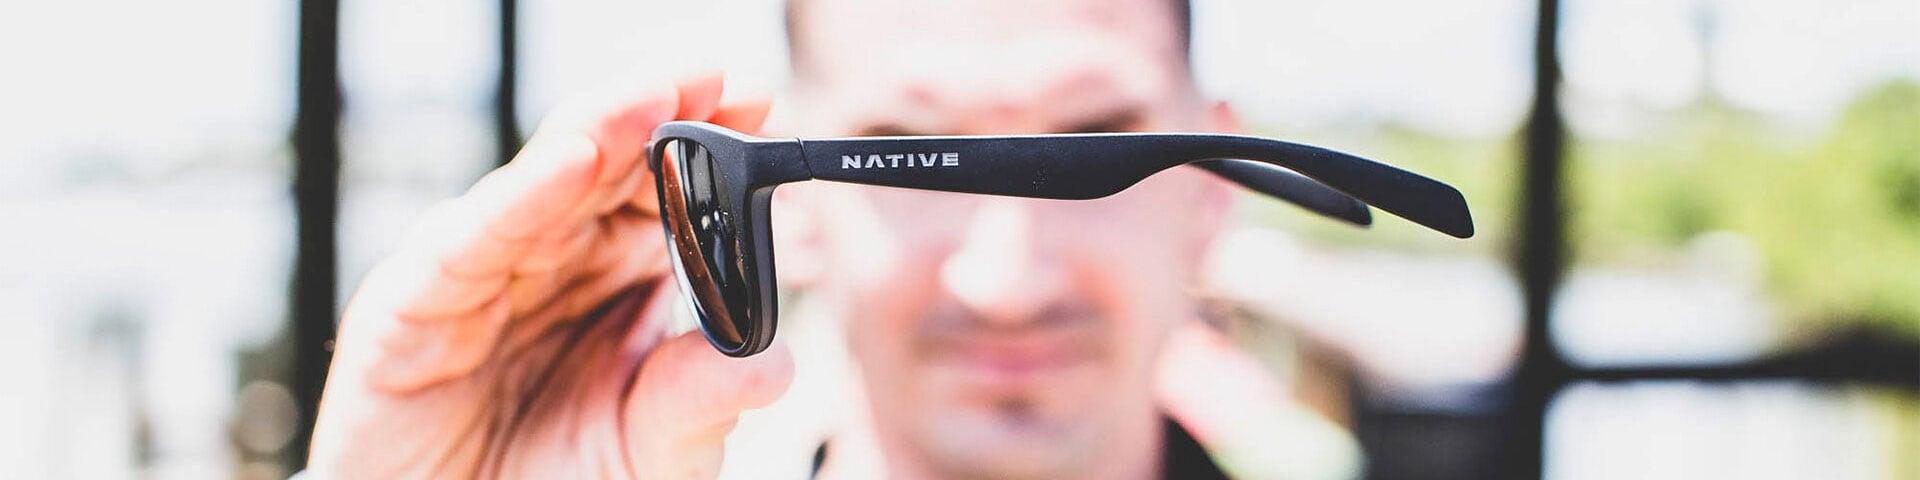 Inside Native Eyewear Customer Care 1b 99